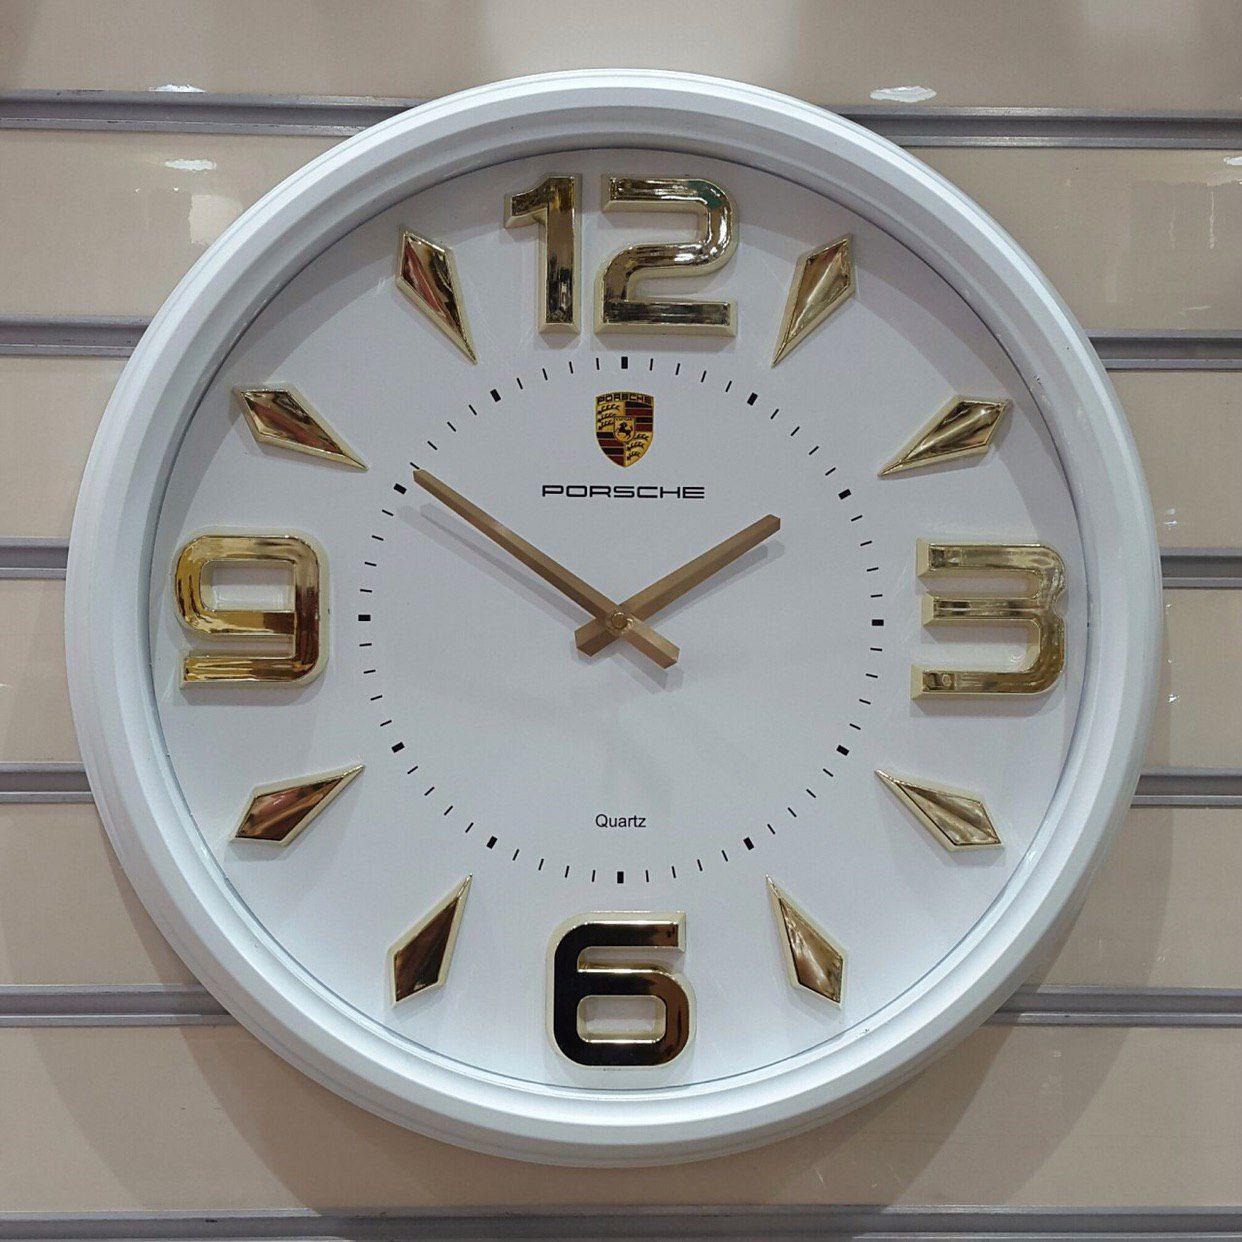 ساعت دیواری پورشه مدل 01